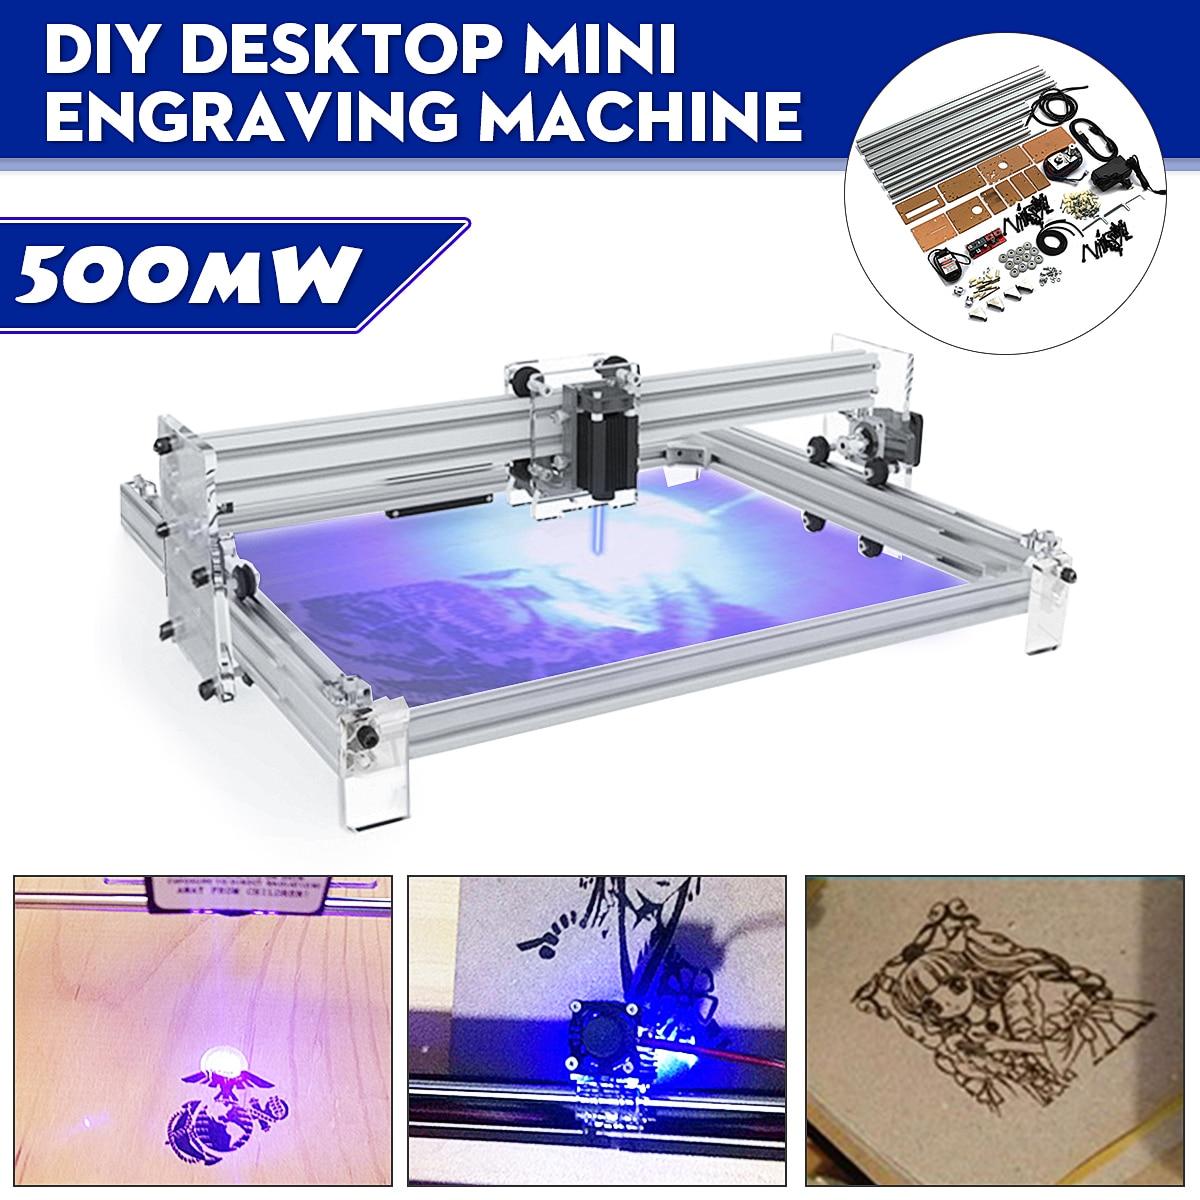 40X50 см 500 МВт DIY рабочего Мини синий лазерная гравировка гравер машинный деревянный роутер/резак/принтер/мощность Регулируемый лазерный